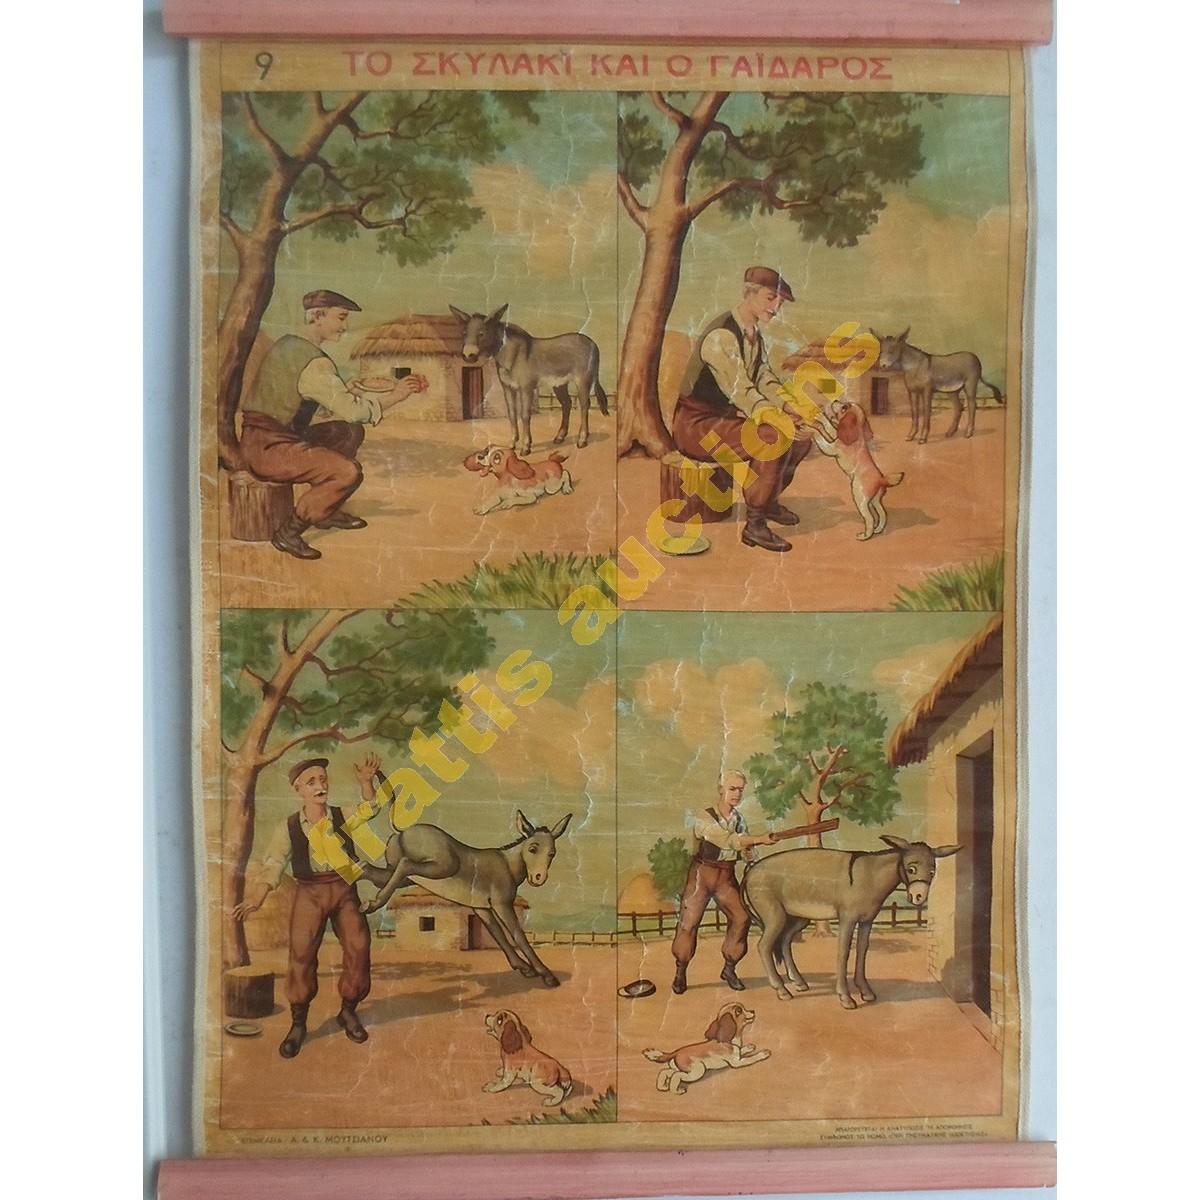 Το σκυλάκι και ο γάιδαρος,σχολικό poster.1950